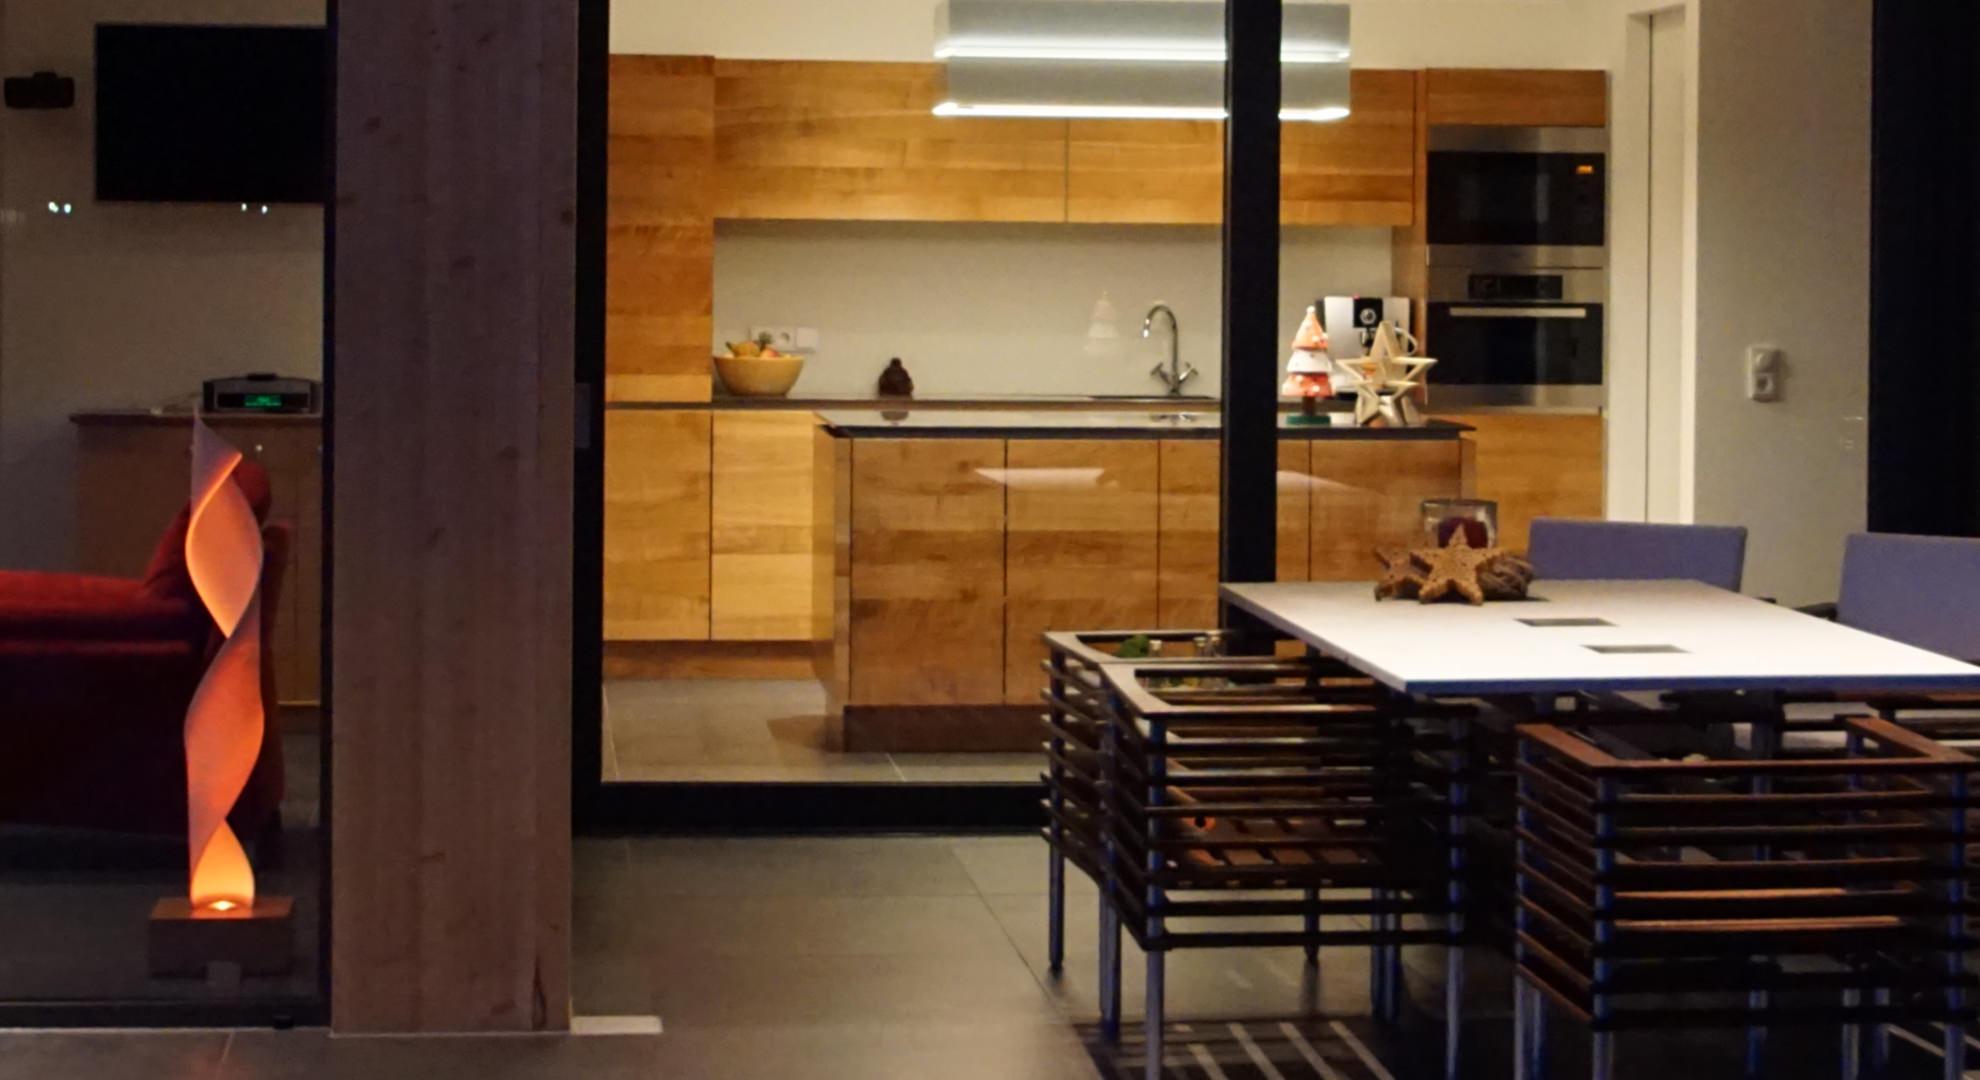 Stimmungsvoller Küche und Küchenblock aus massivem Kirschbaum mit dunkler Arbeitsfläche aus Corian